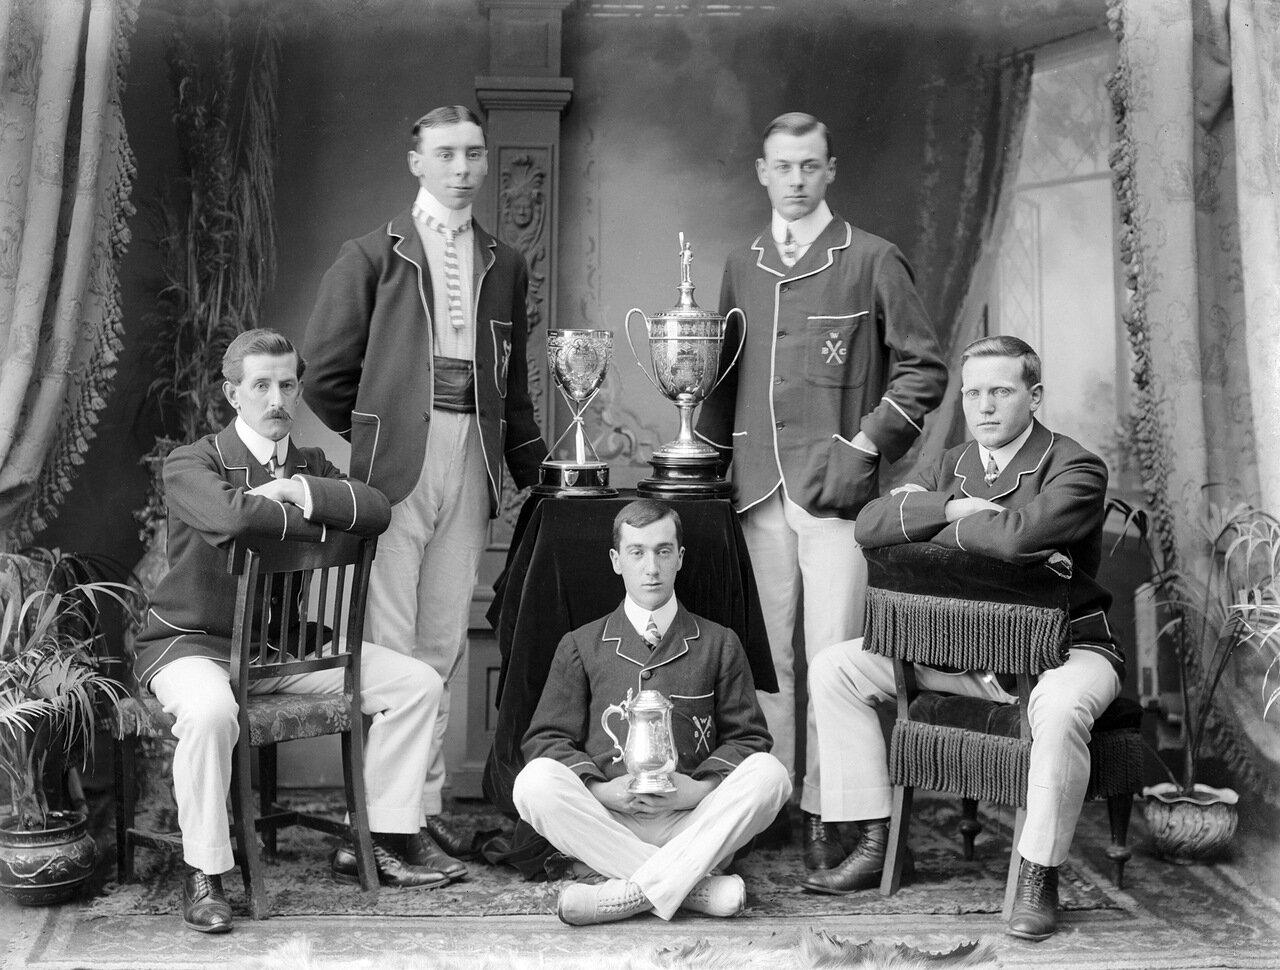 5 членов Лодочного Клуба Уотерфорд с полученными наградами 1906 г.